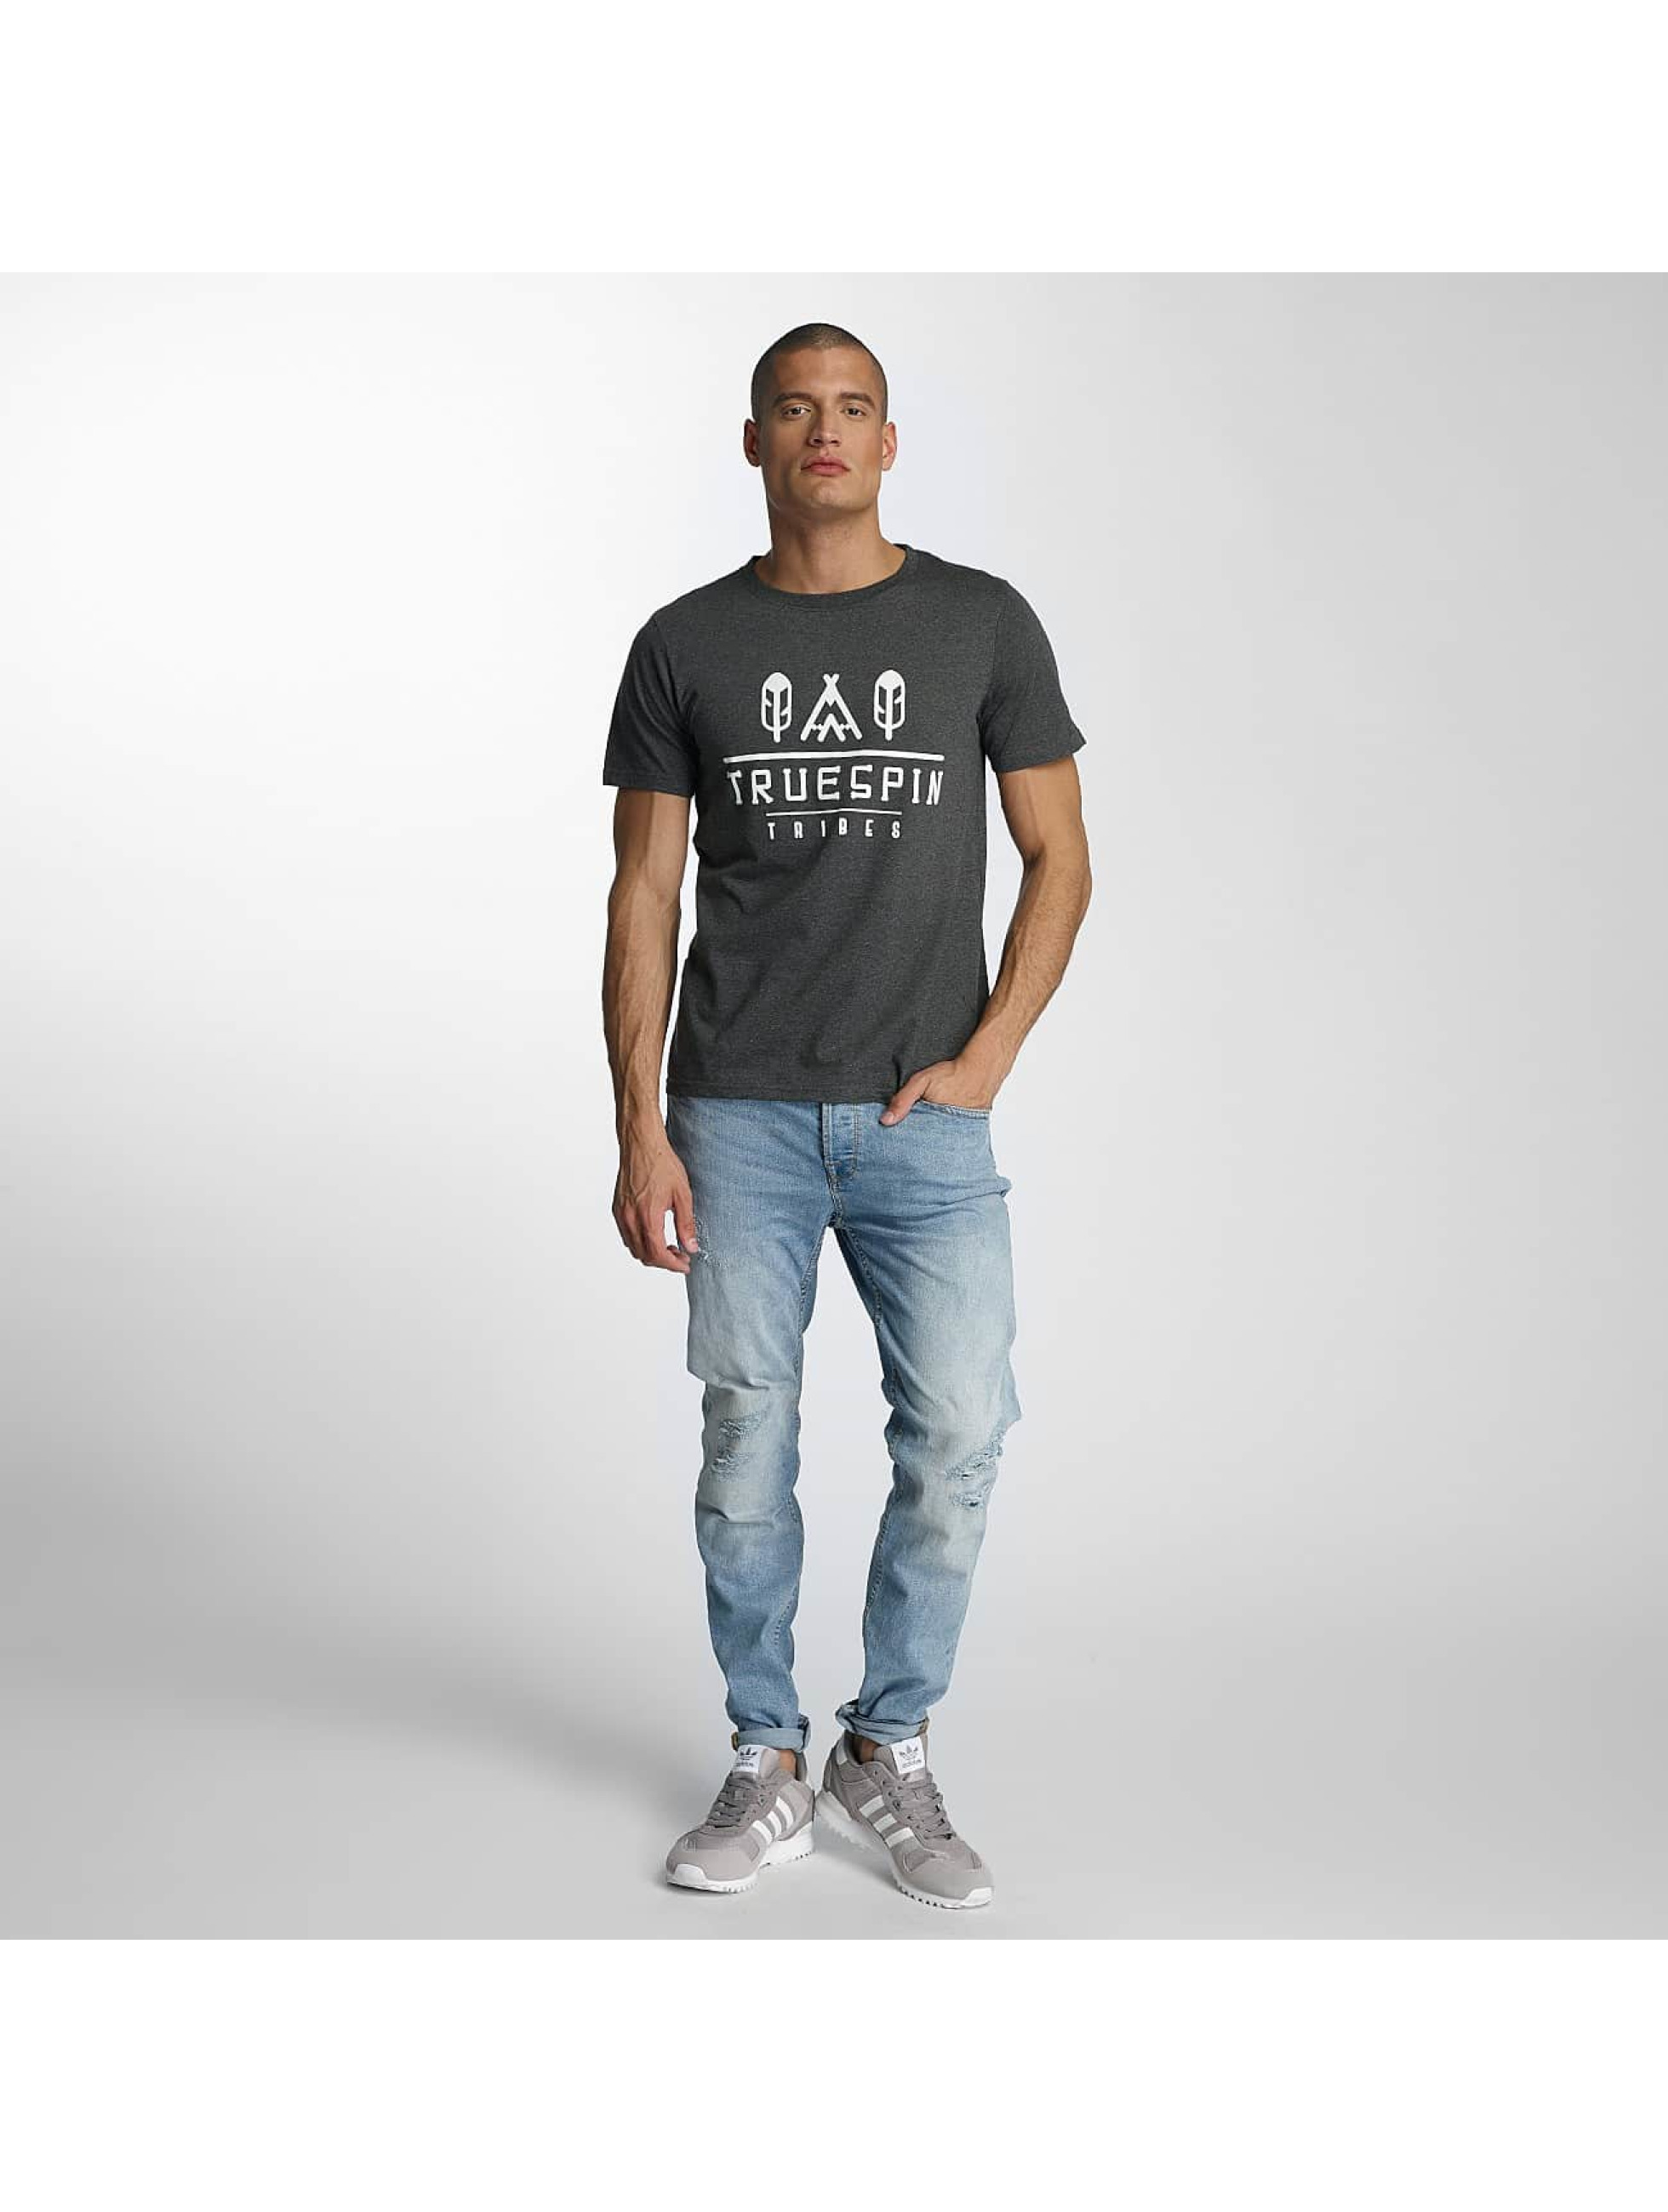 TrueSpin T-Shirt 8 gray